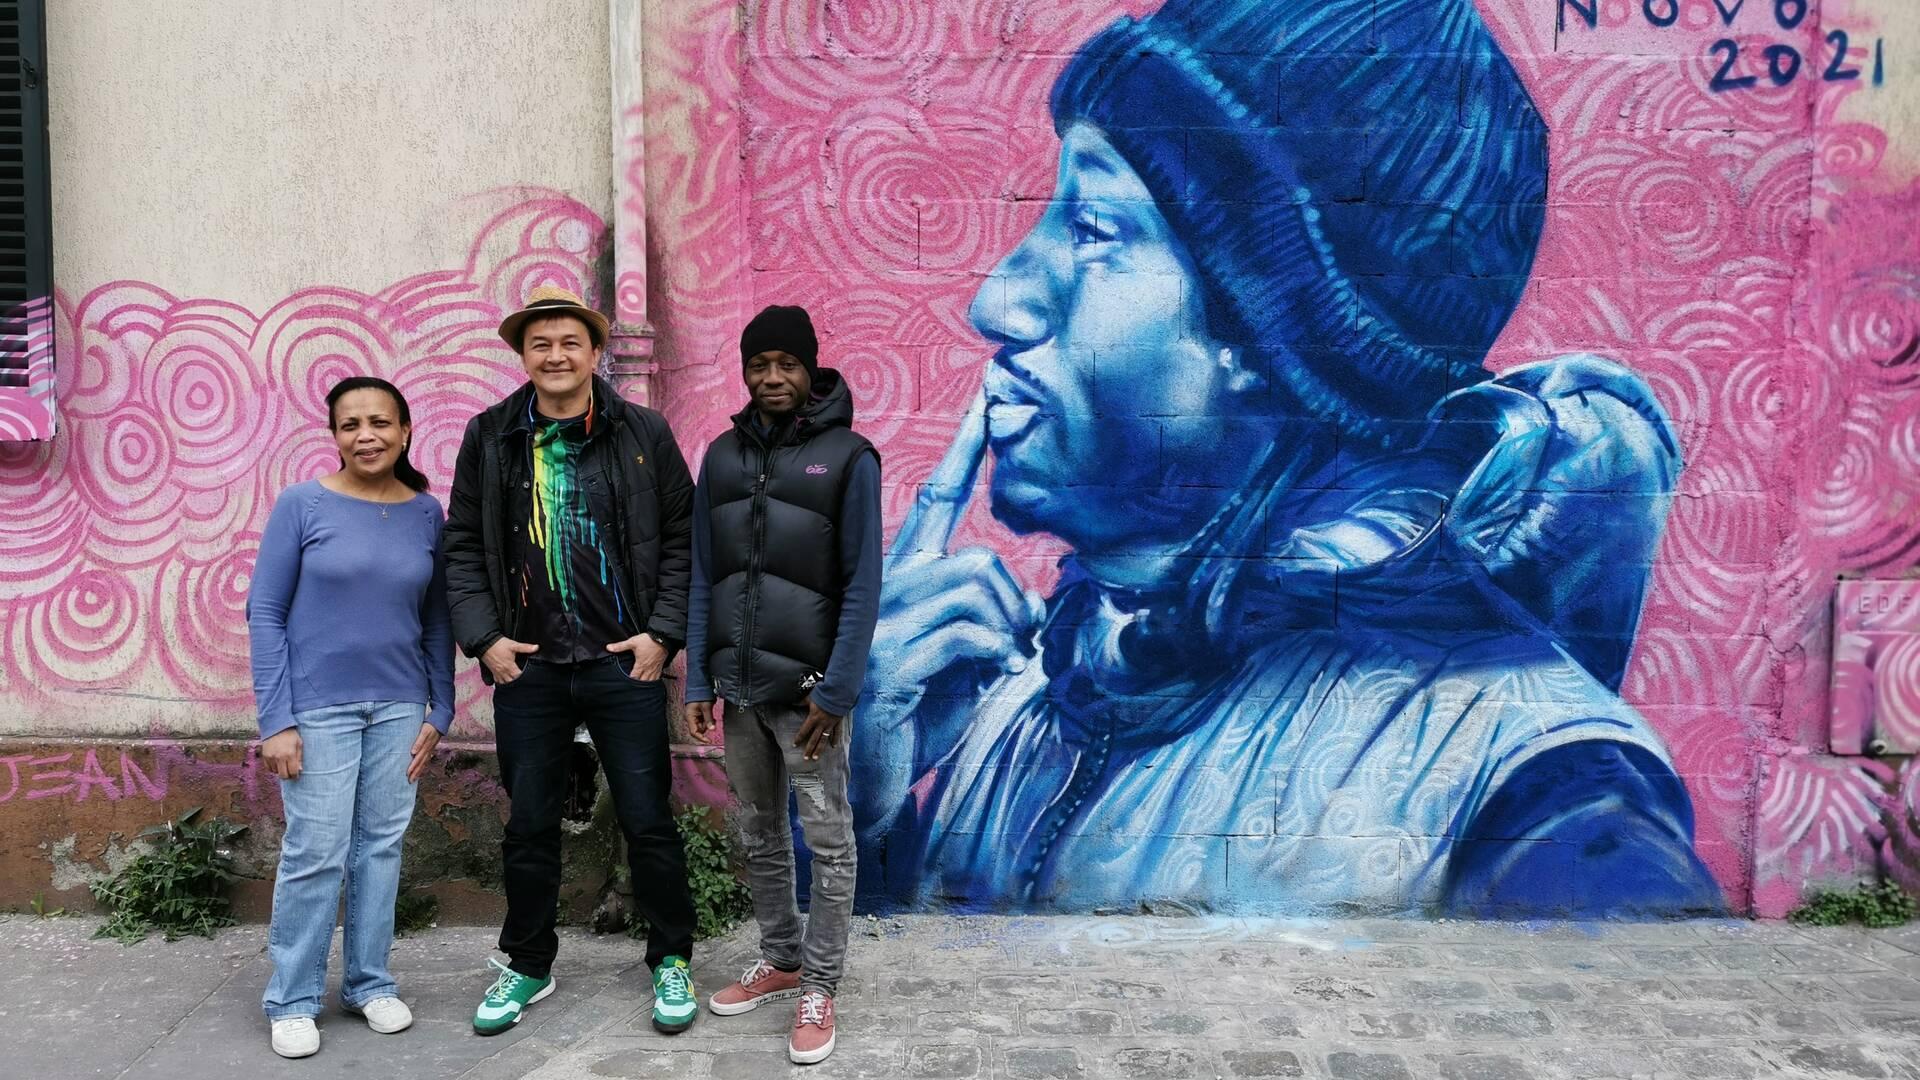 Sitty et Doumbia avec l'artiste Ernesto Novo - crédit Office de tourisme Plaine Commune Grand Paris